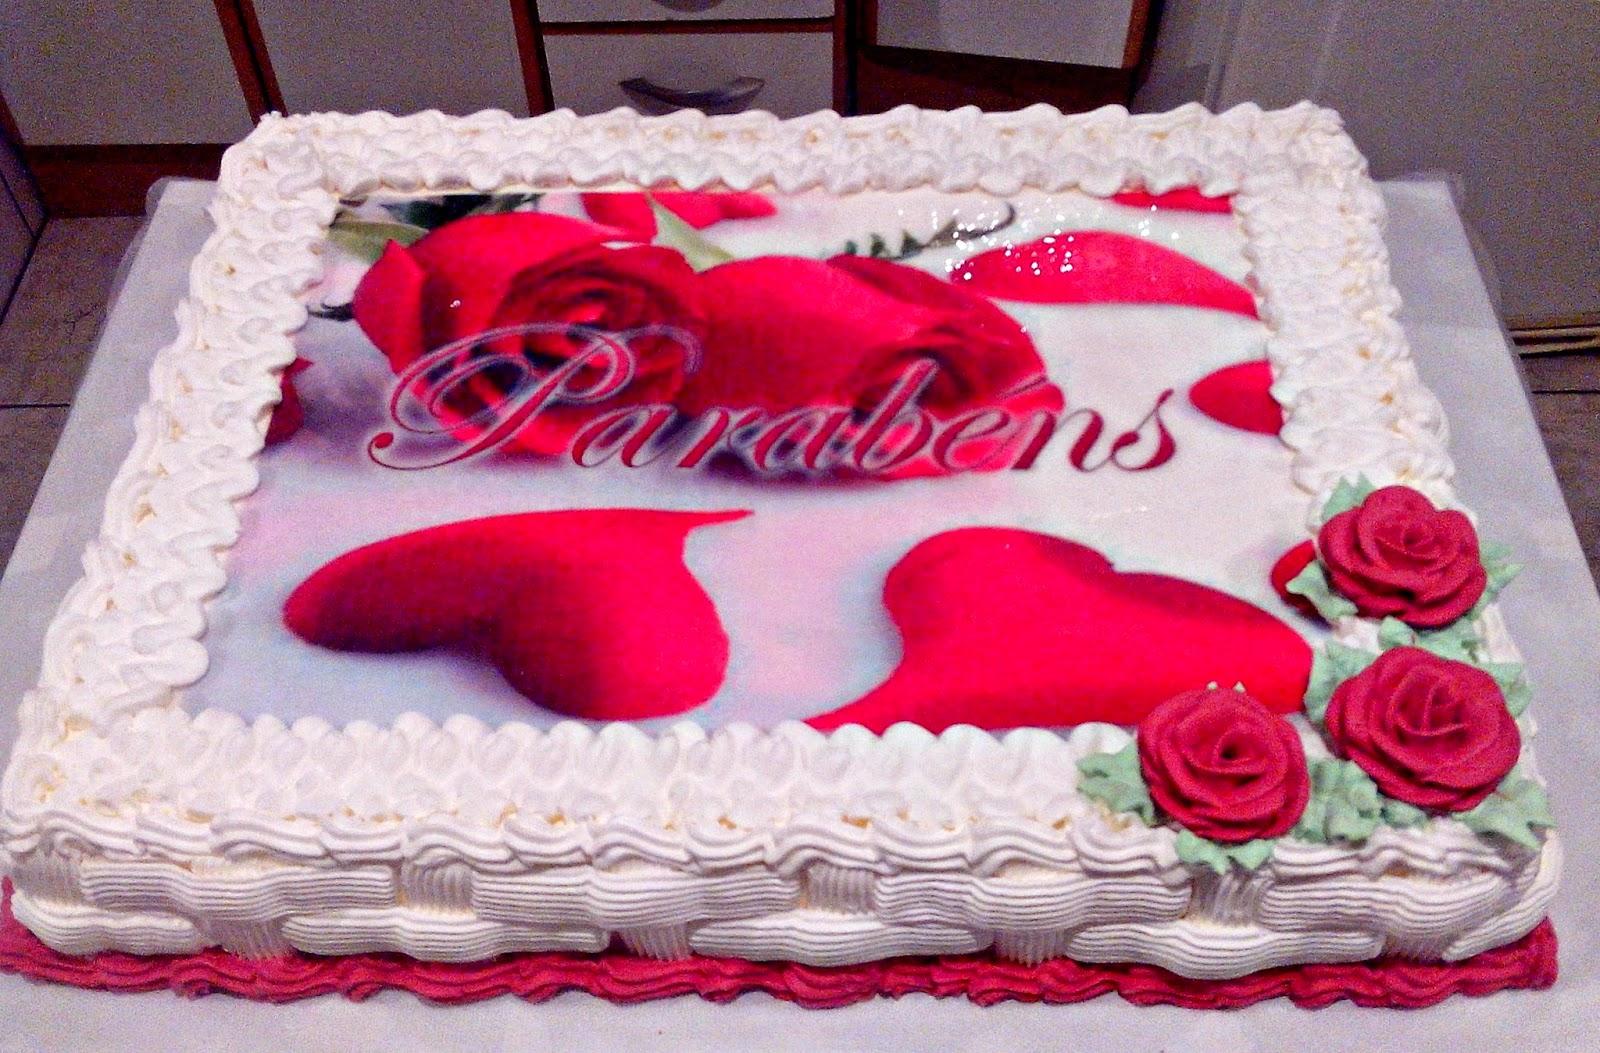 Bolo De Aniversário Com Frases: O Cantinho Do Bolo Da Lenira: Bolos Parabéns Ou Feliz